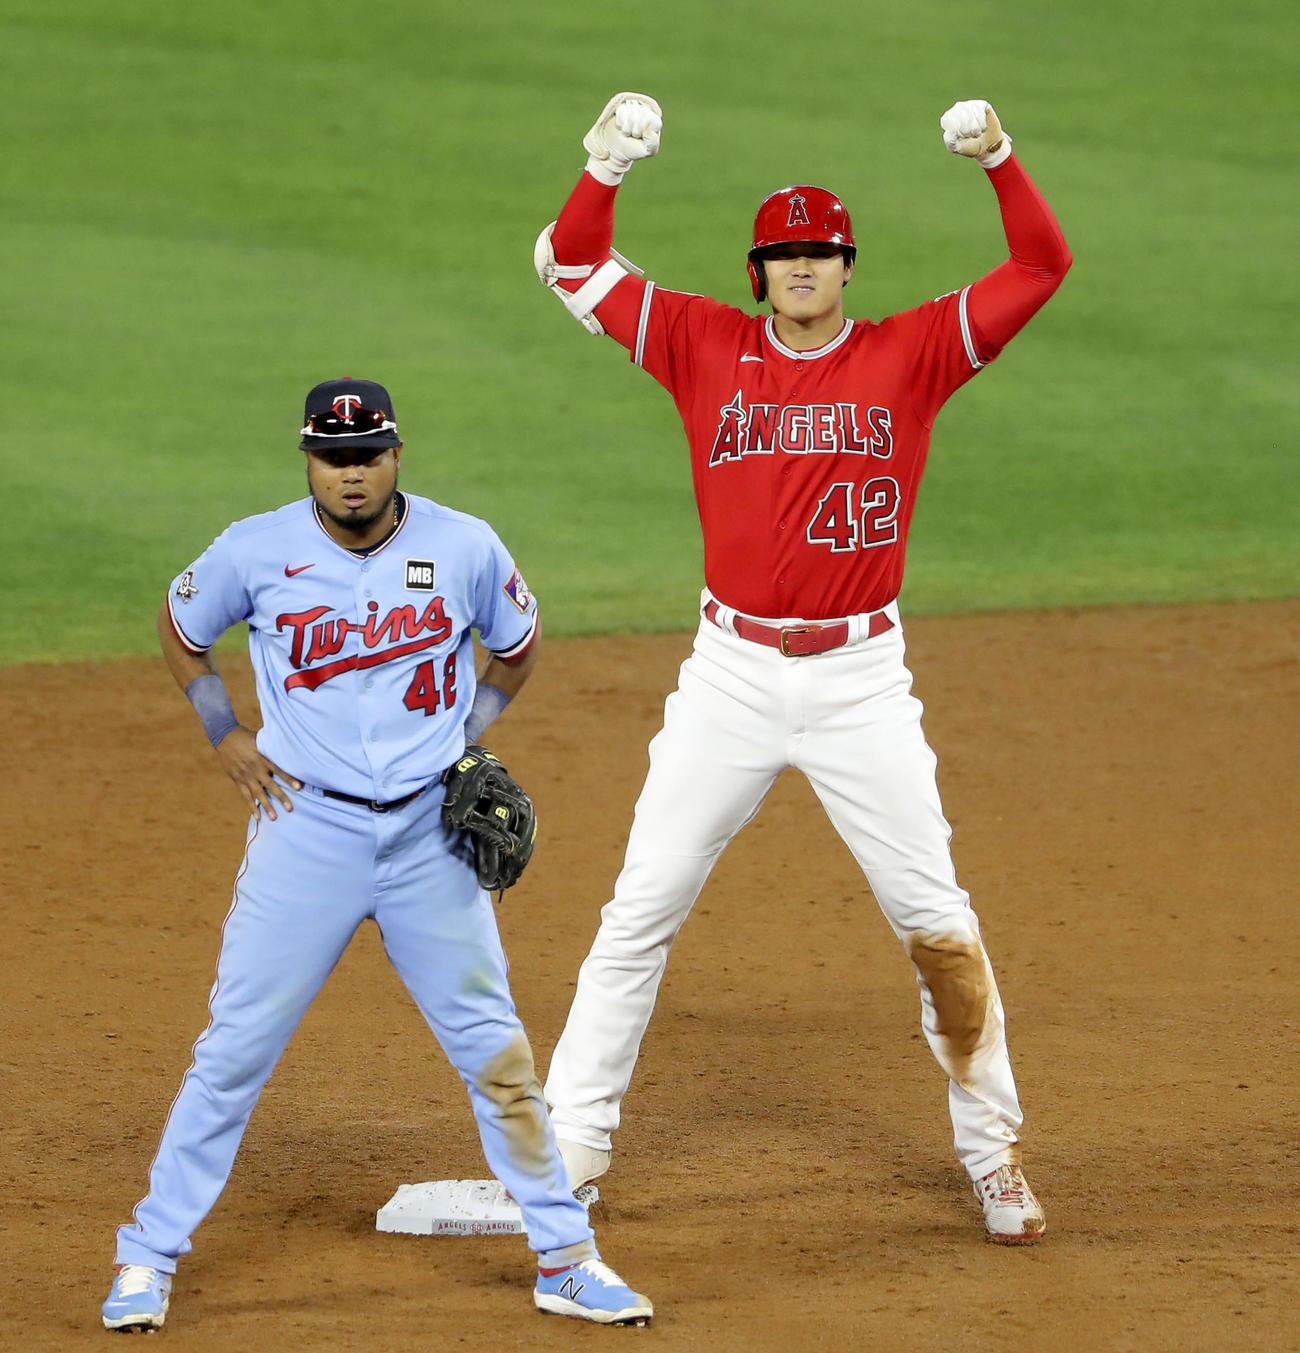 ツインズ戦の6回、中前打で三塁への送球の間に二進し、塁上でポーズをとるエンゼルス大谷(共同)